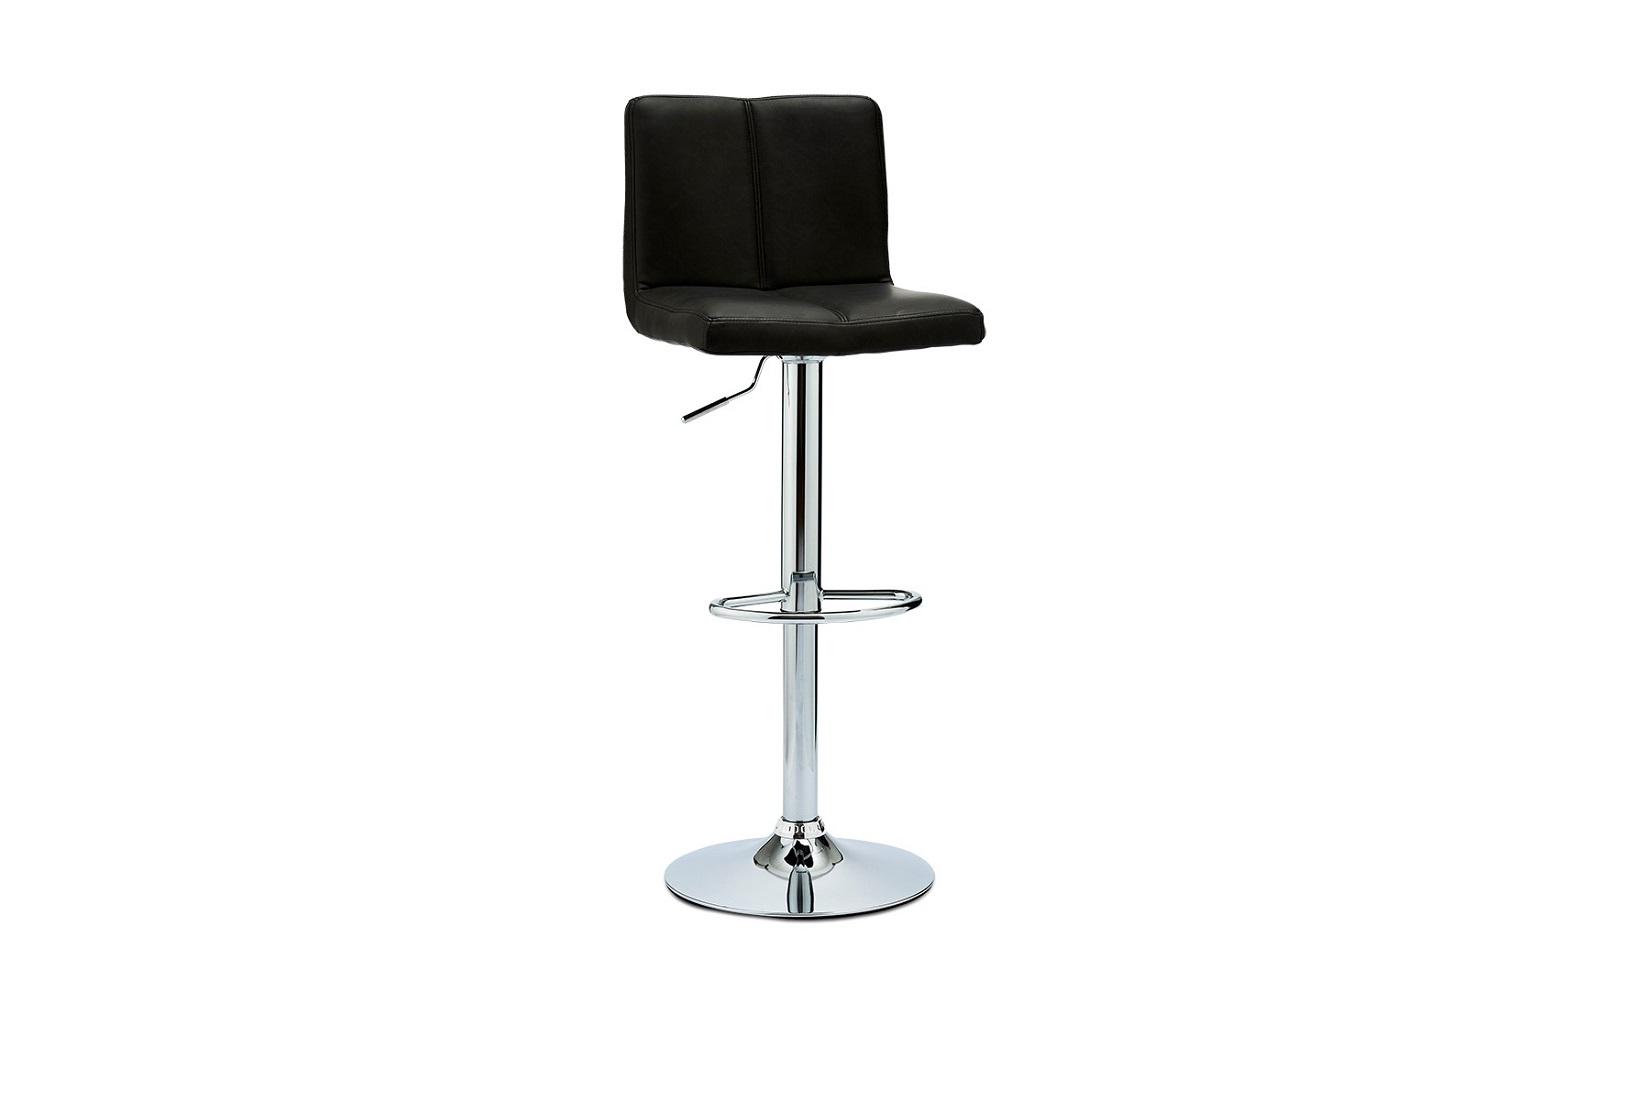 Luxusní barová židle Aesop, černá